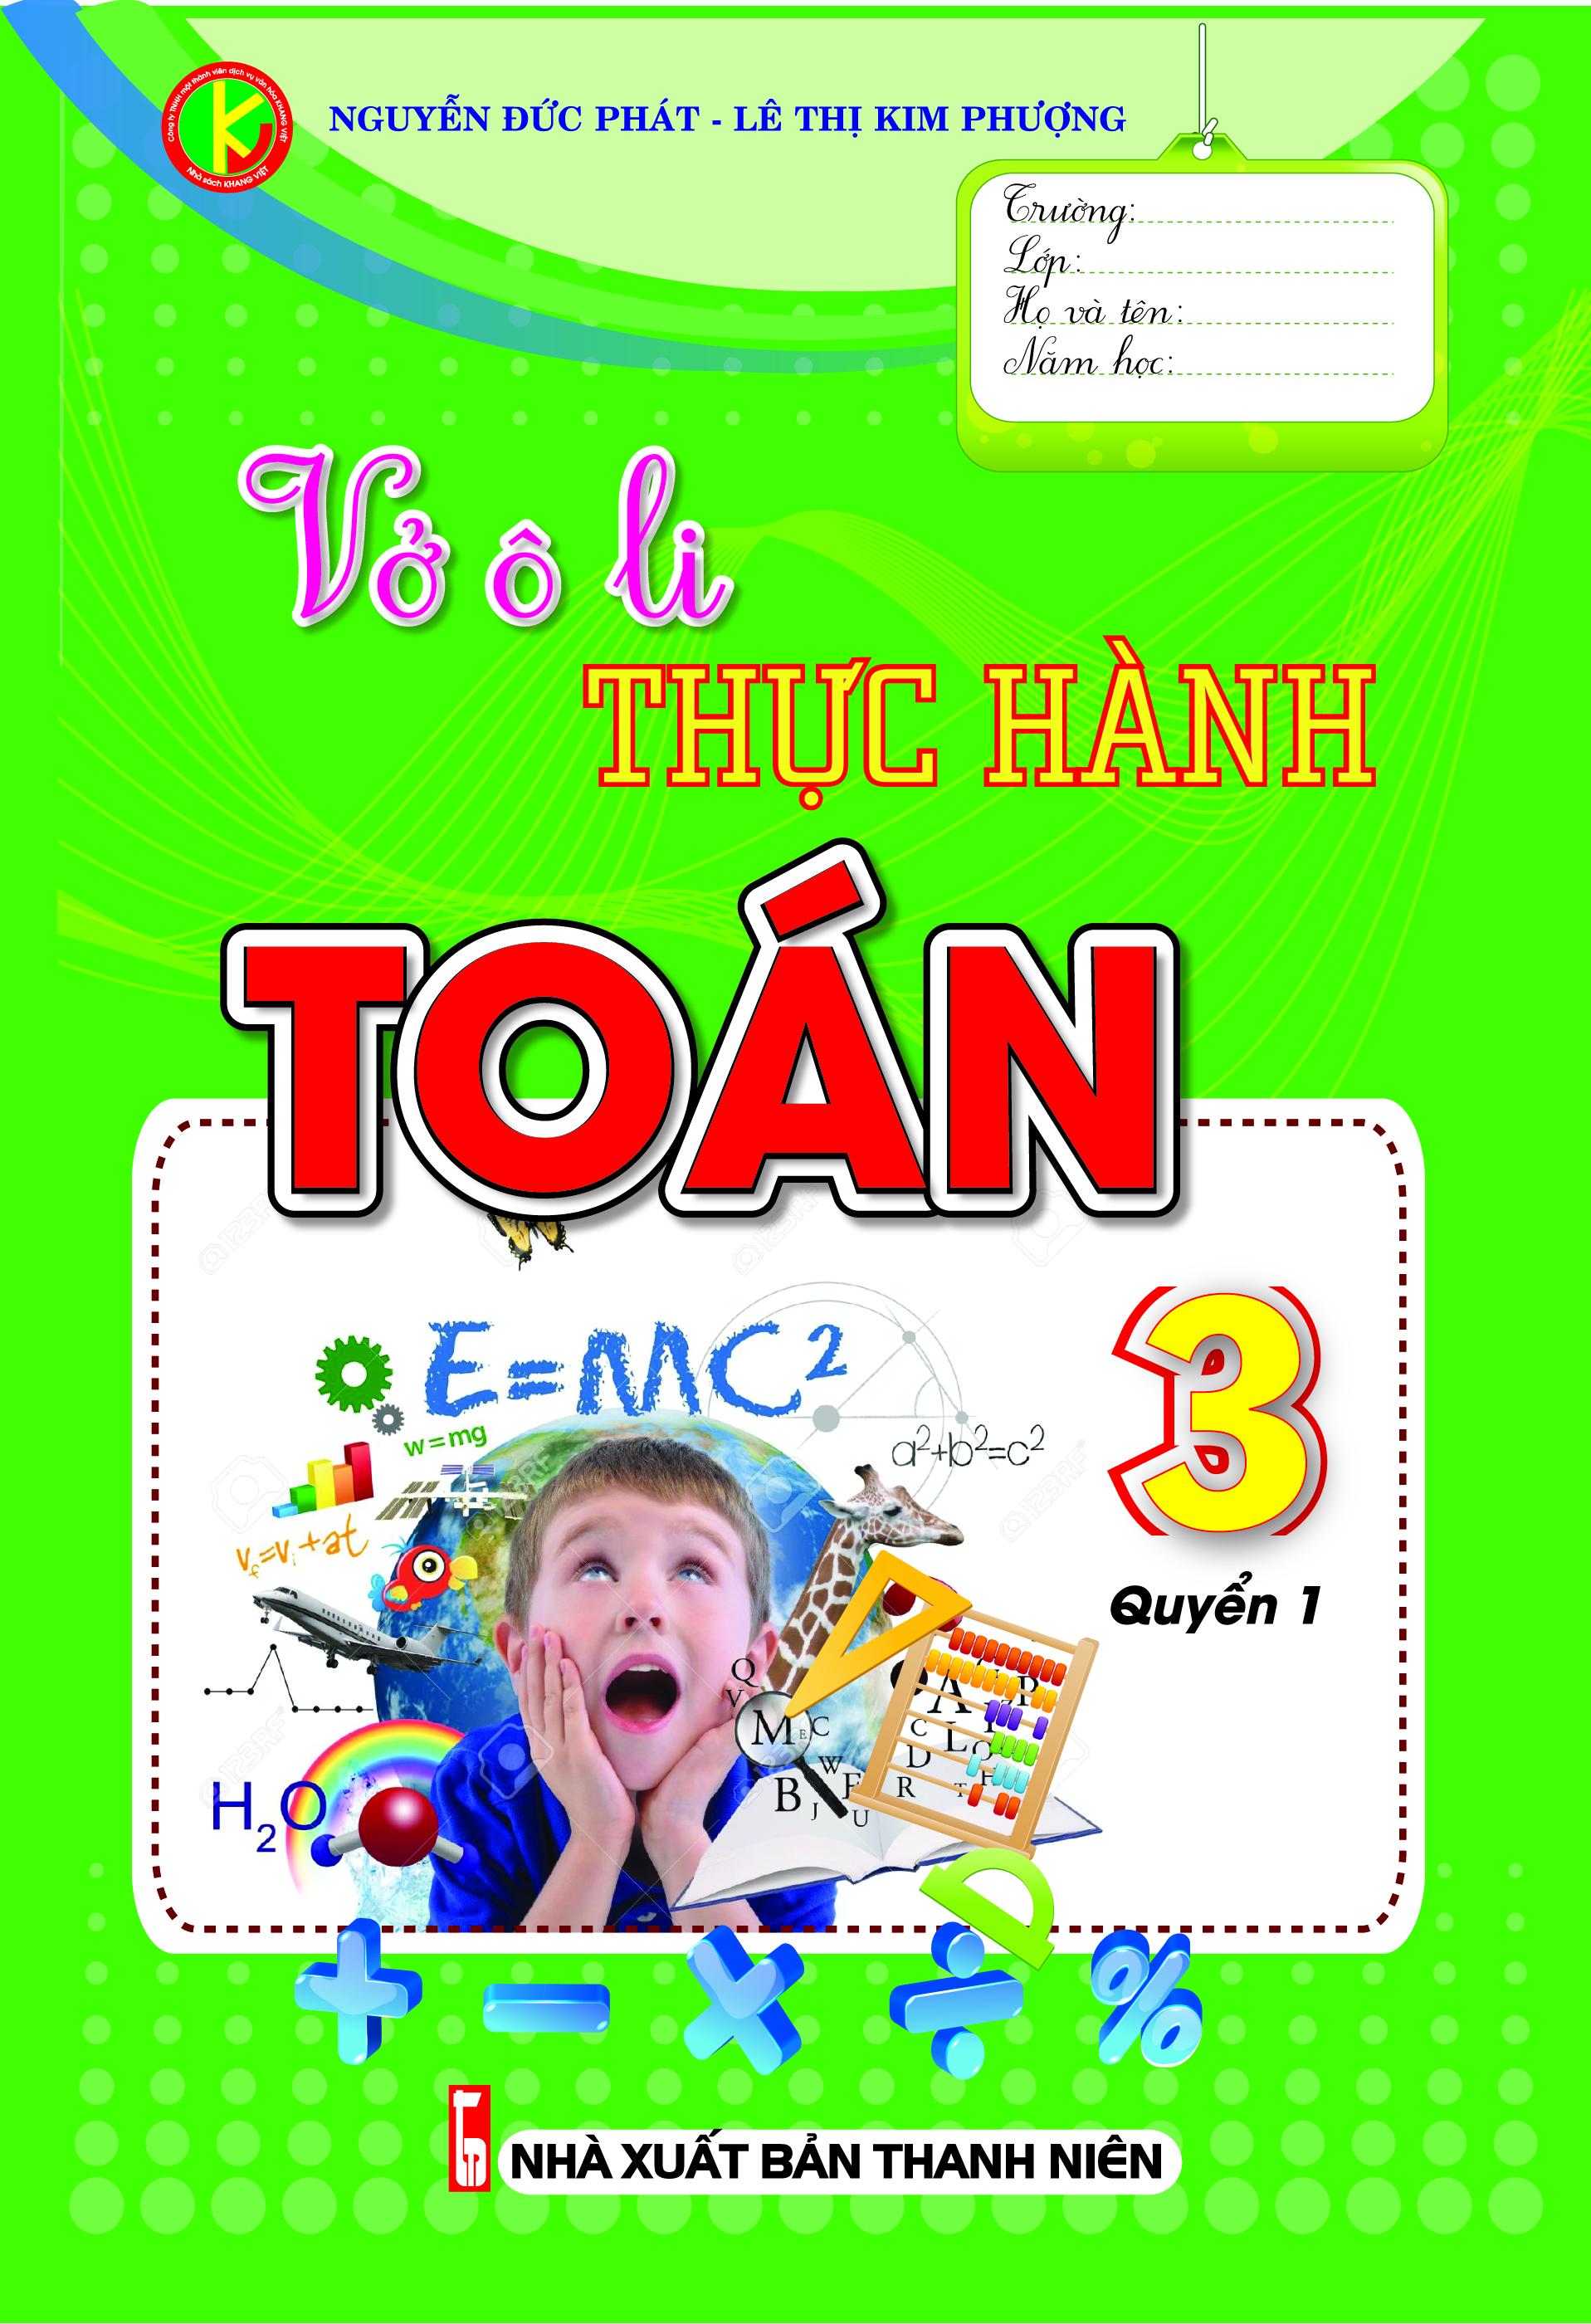 Vở Ô Li Thực Hành Toán 3 Tập 1 - EBOOK/PDF/PRC/EPUB